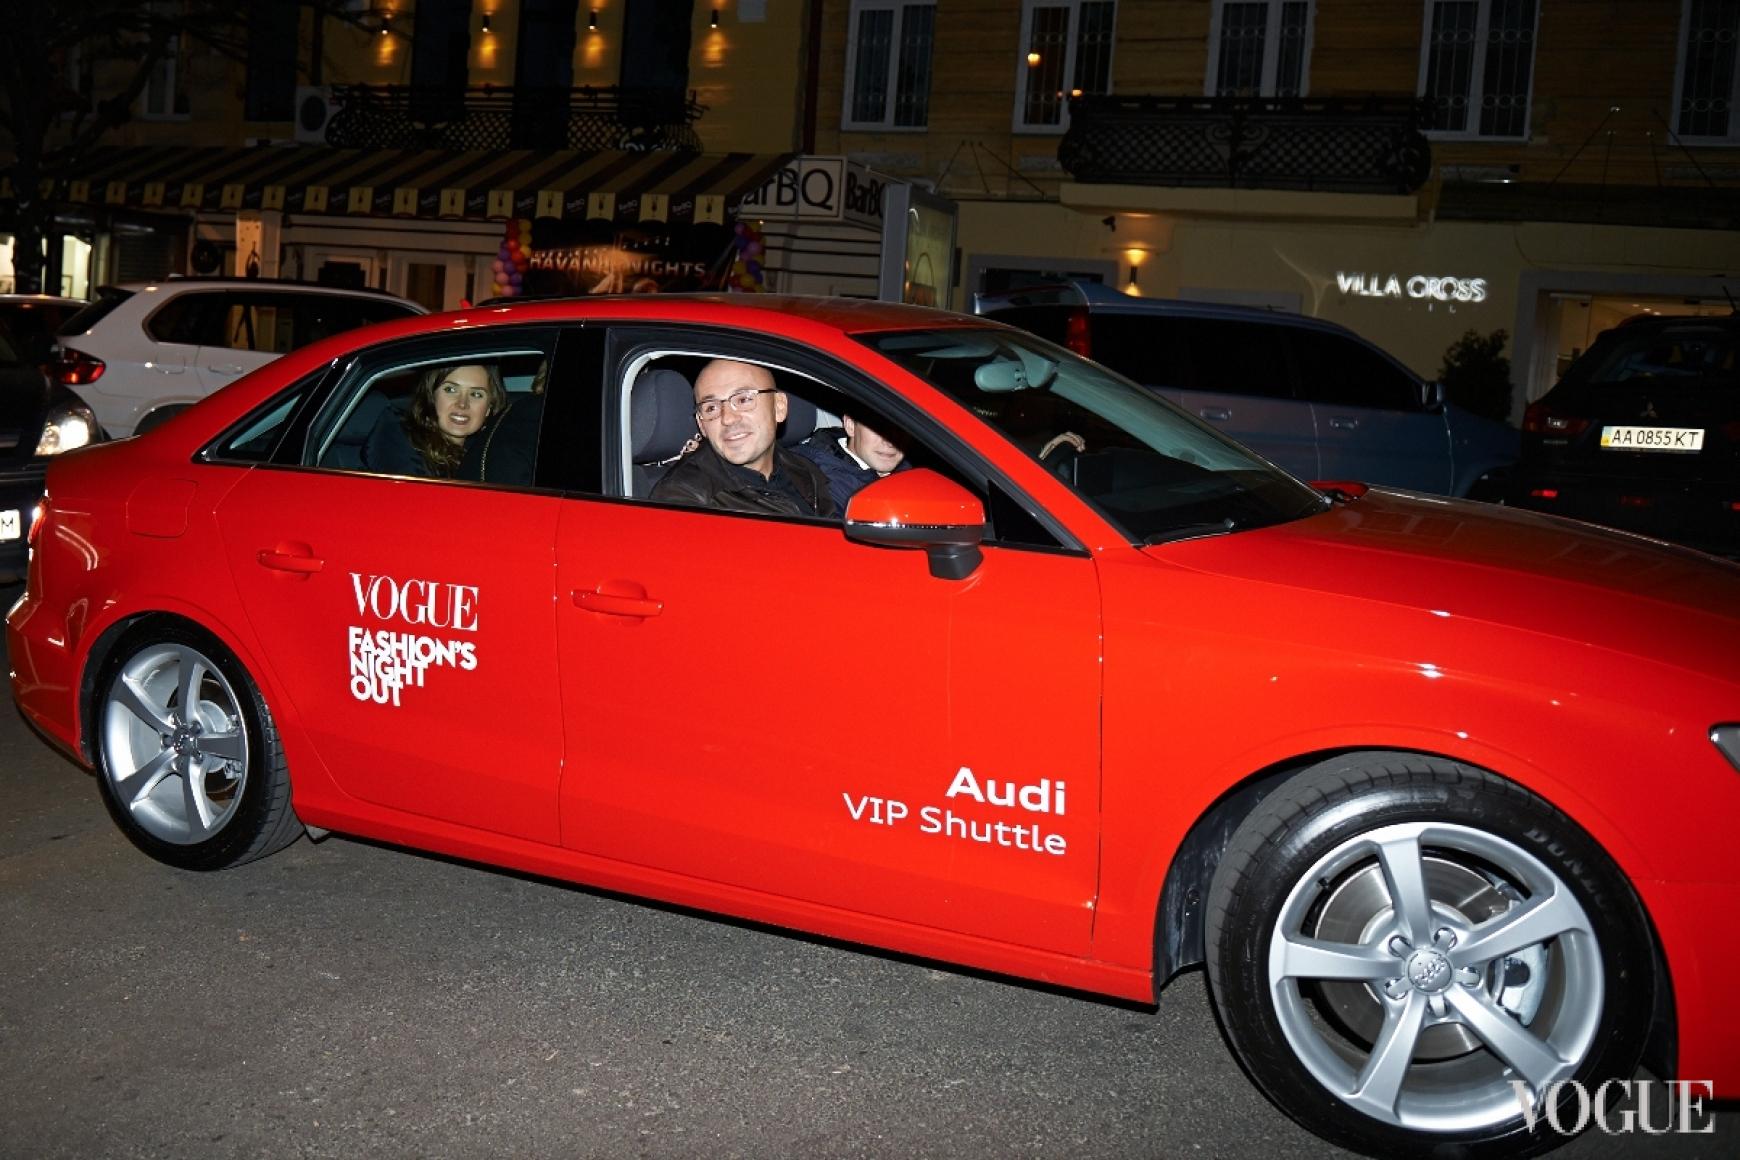 Дмитрий Евенко и Екатерина Марьяш в новой Audi A3 Limousine